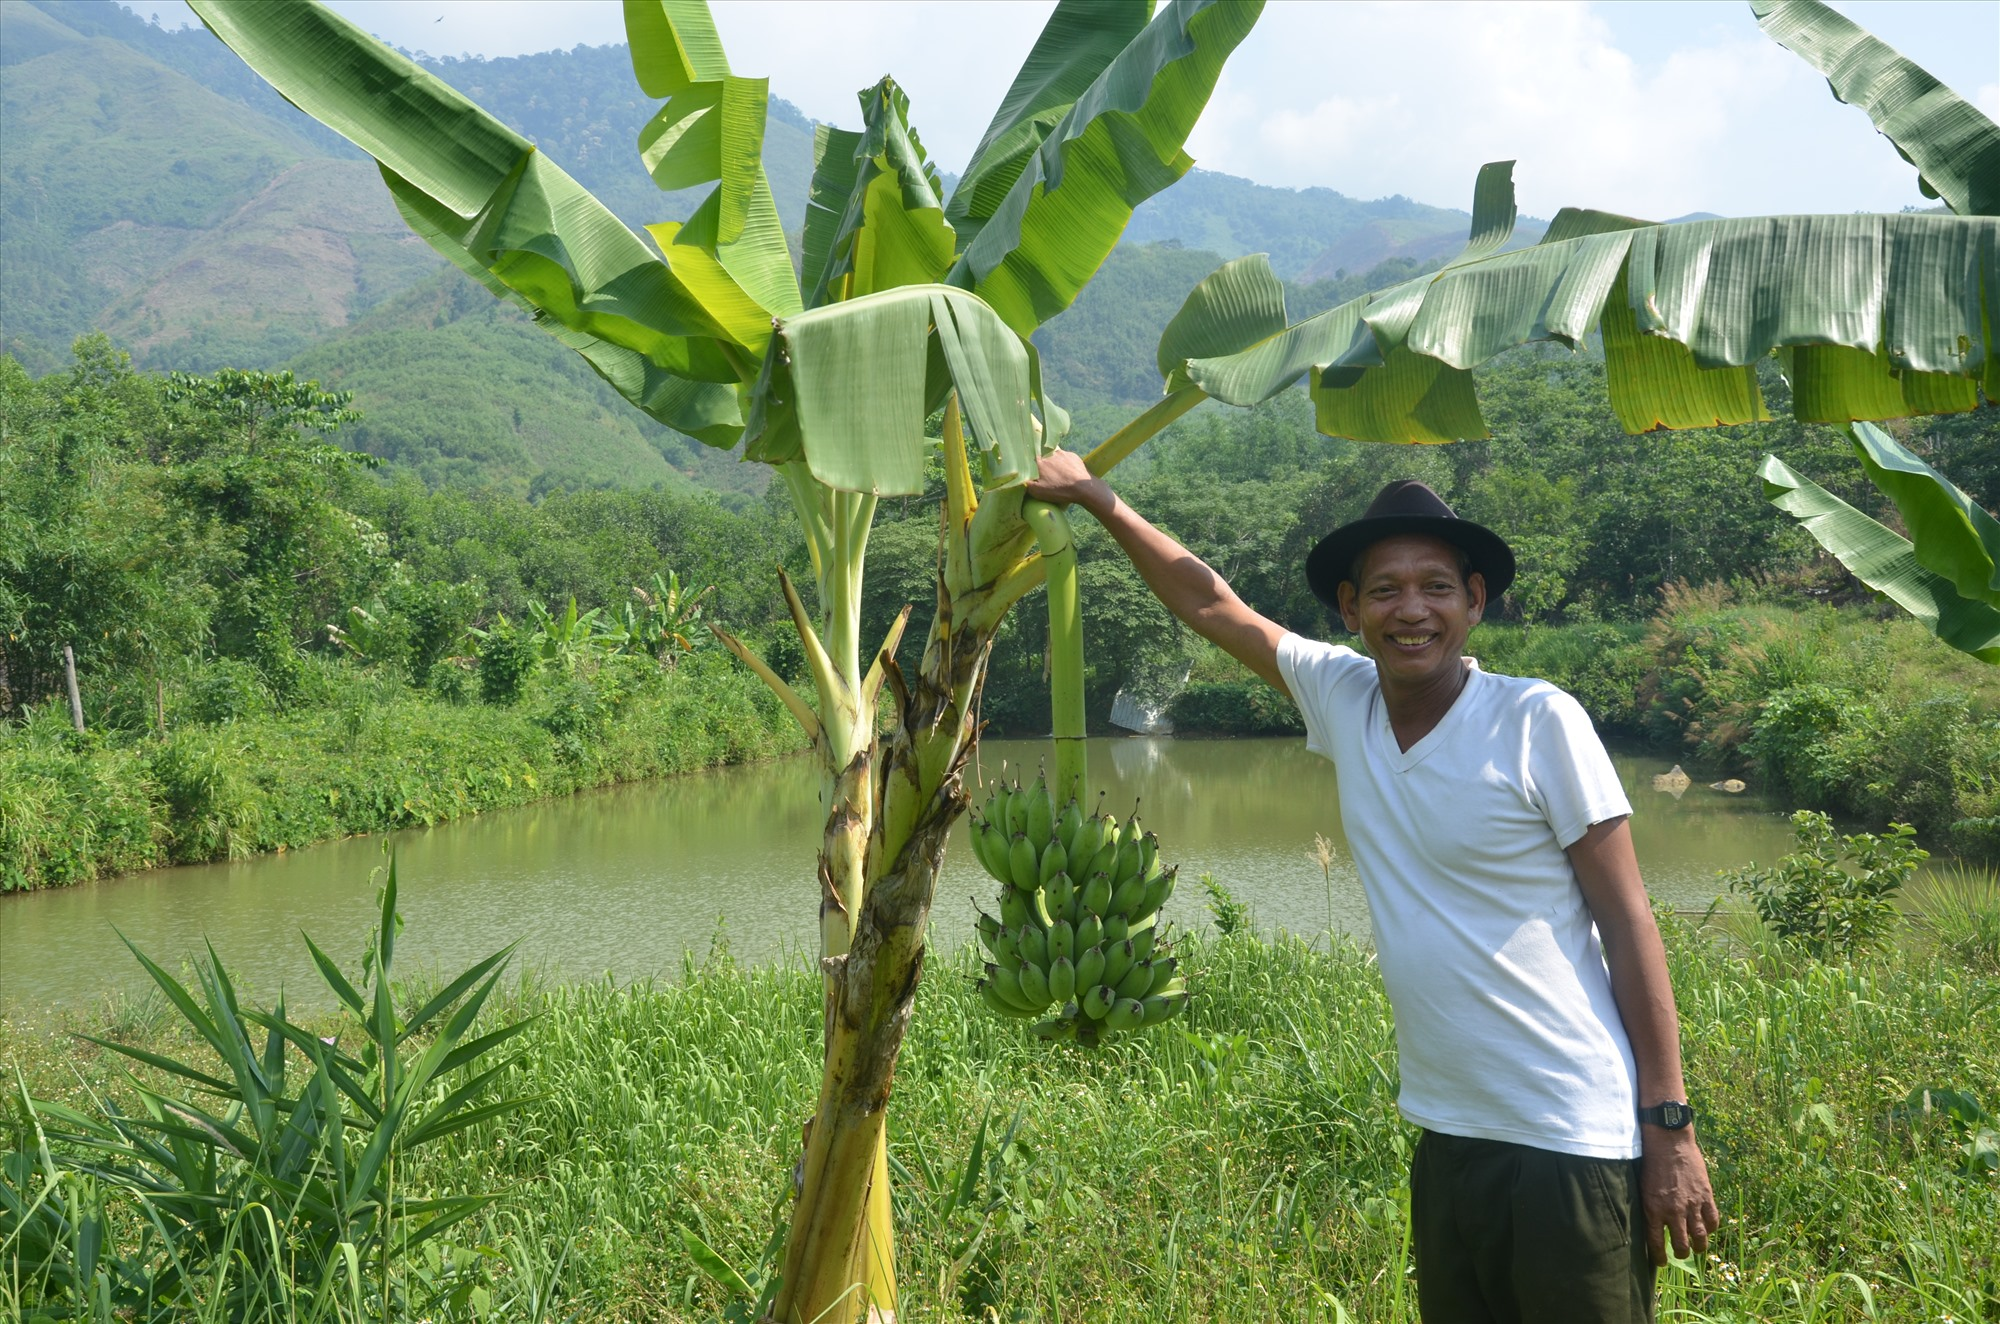 Mô hình trồng chuối phát triển rất mạnh ở huyện Đông Giang. Ảnh: T.N